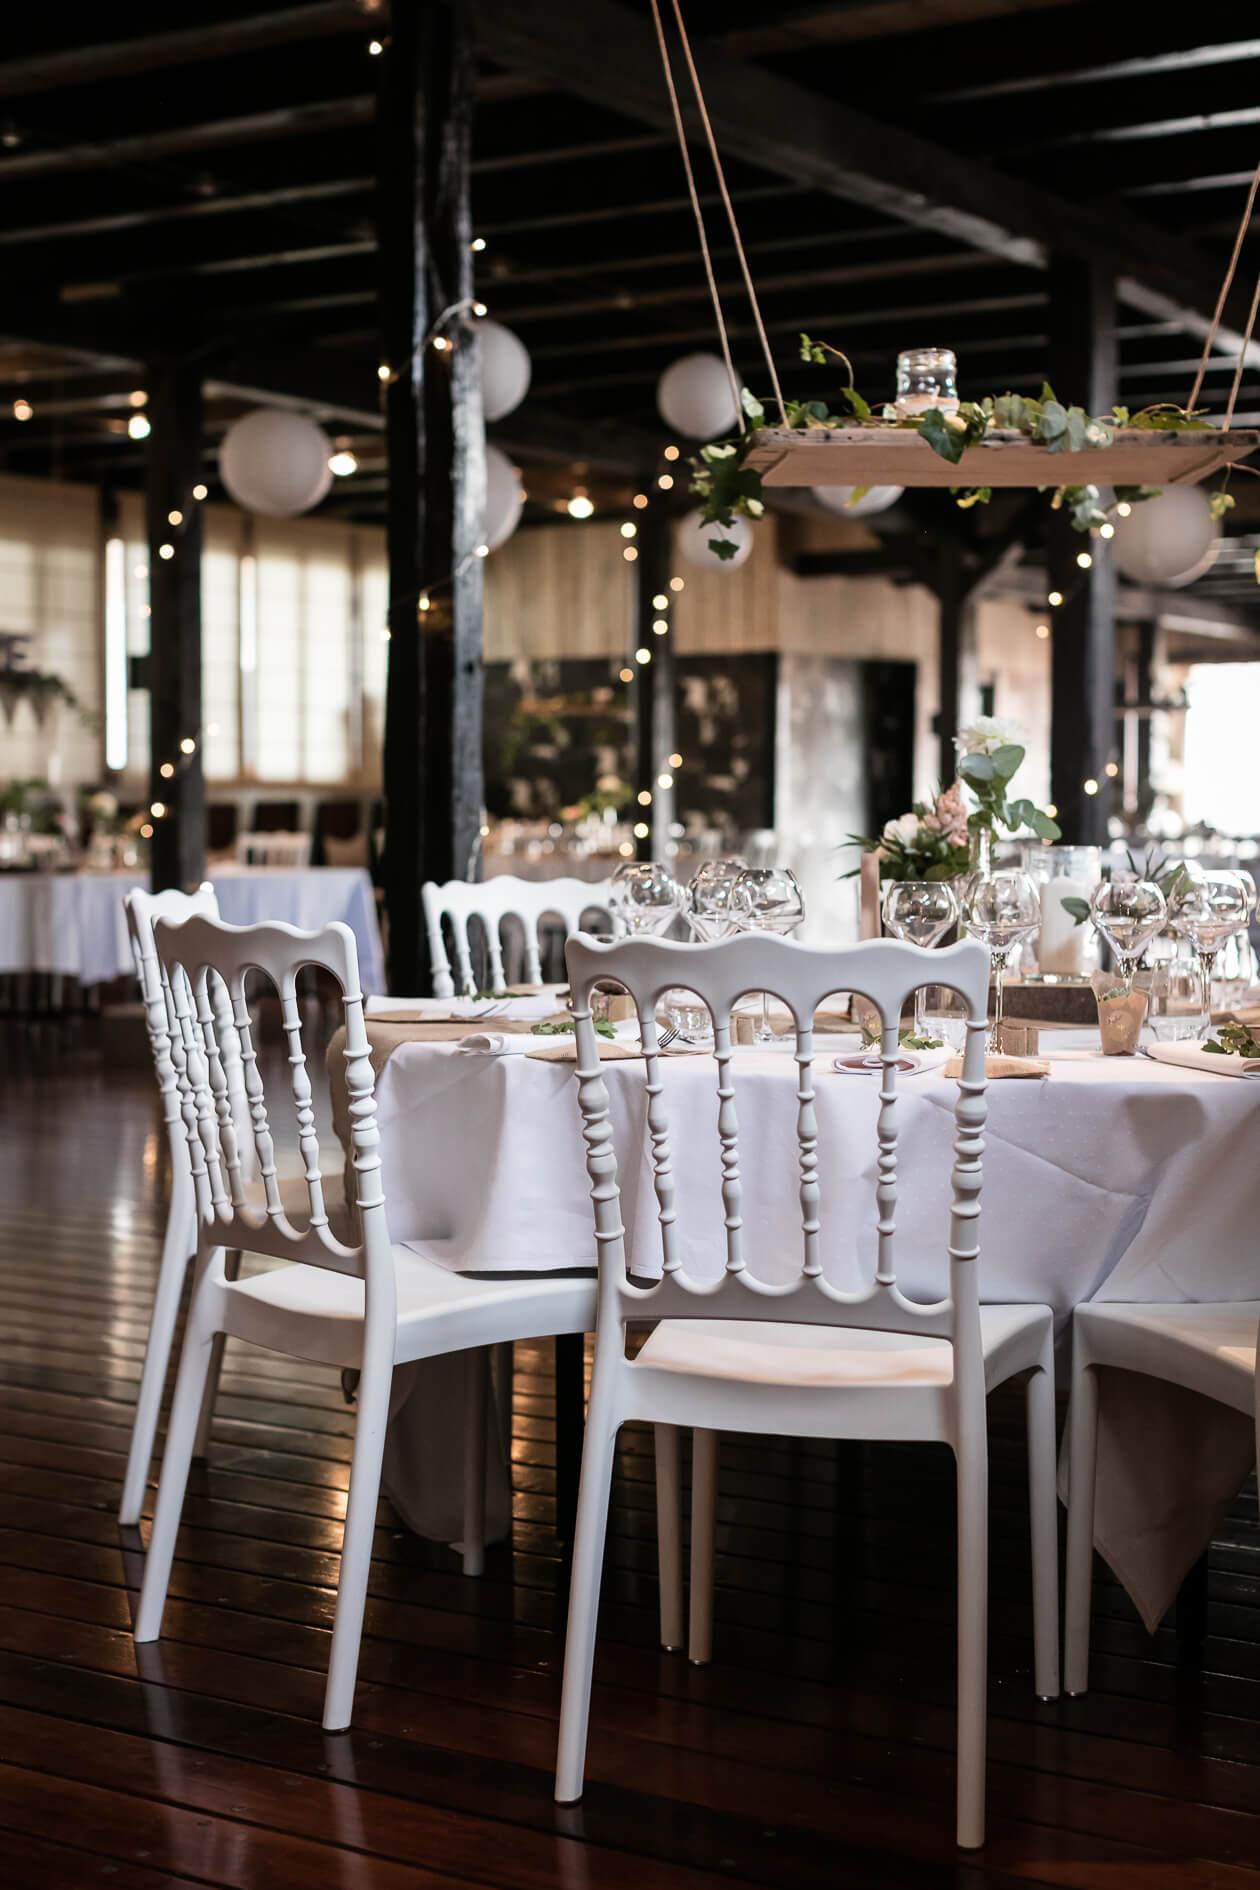 la décoration des tables et des chaises est très importantes dans le mariage cela donne de très belles photos